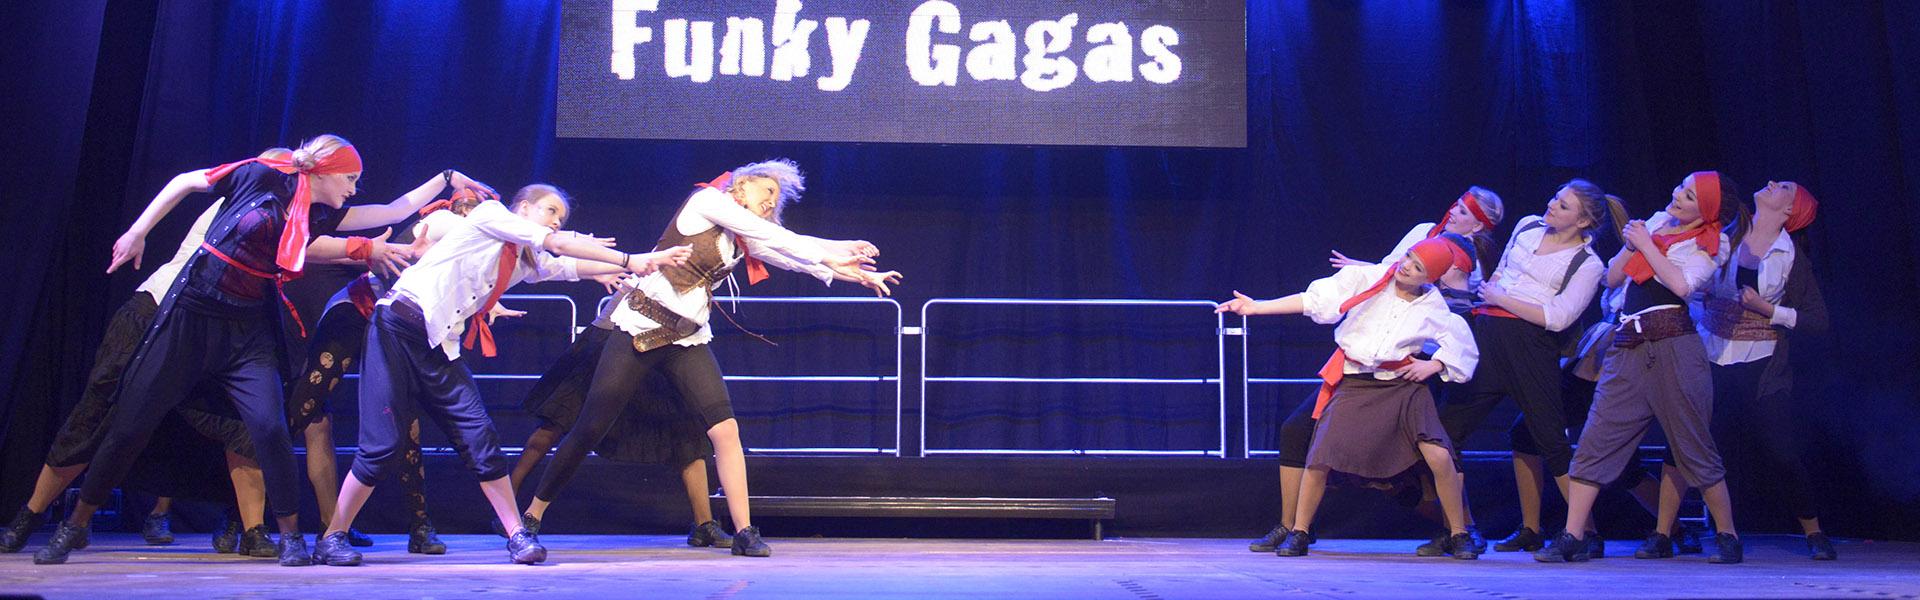 Funky Gaga's